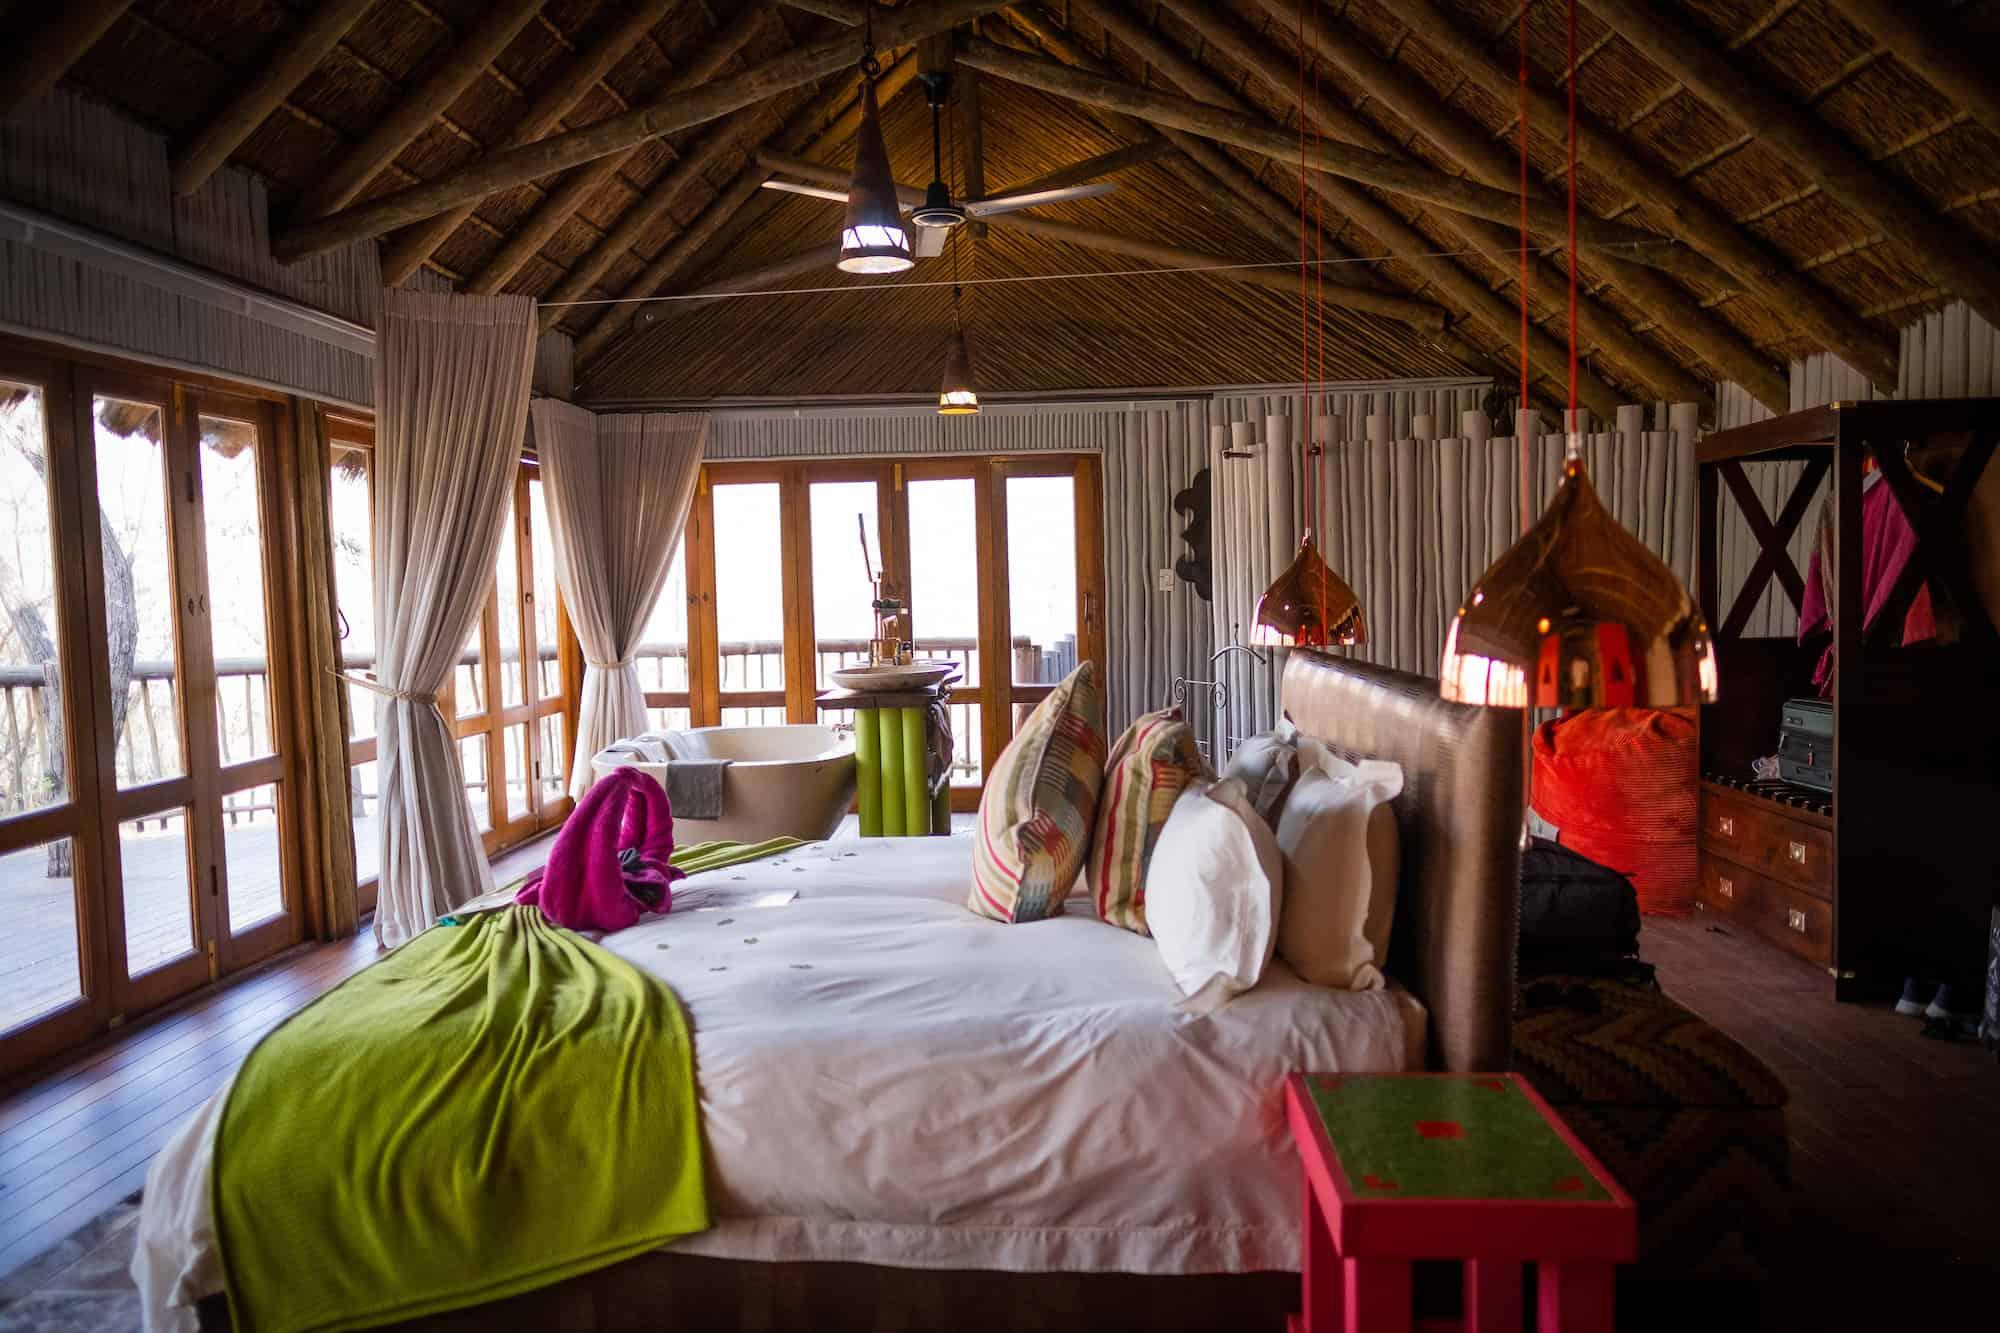 Rooms At Jaci's Tree Lodge